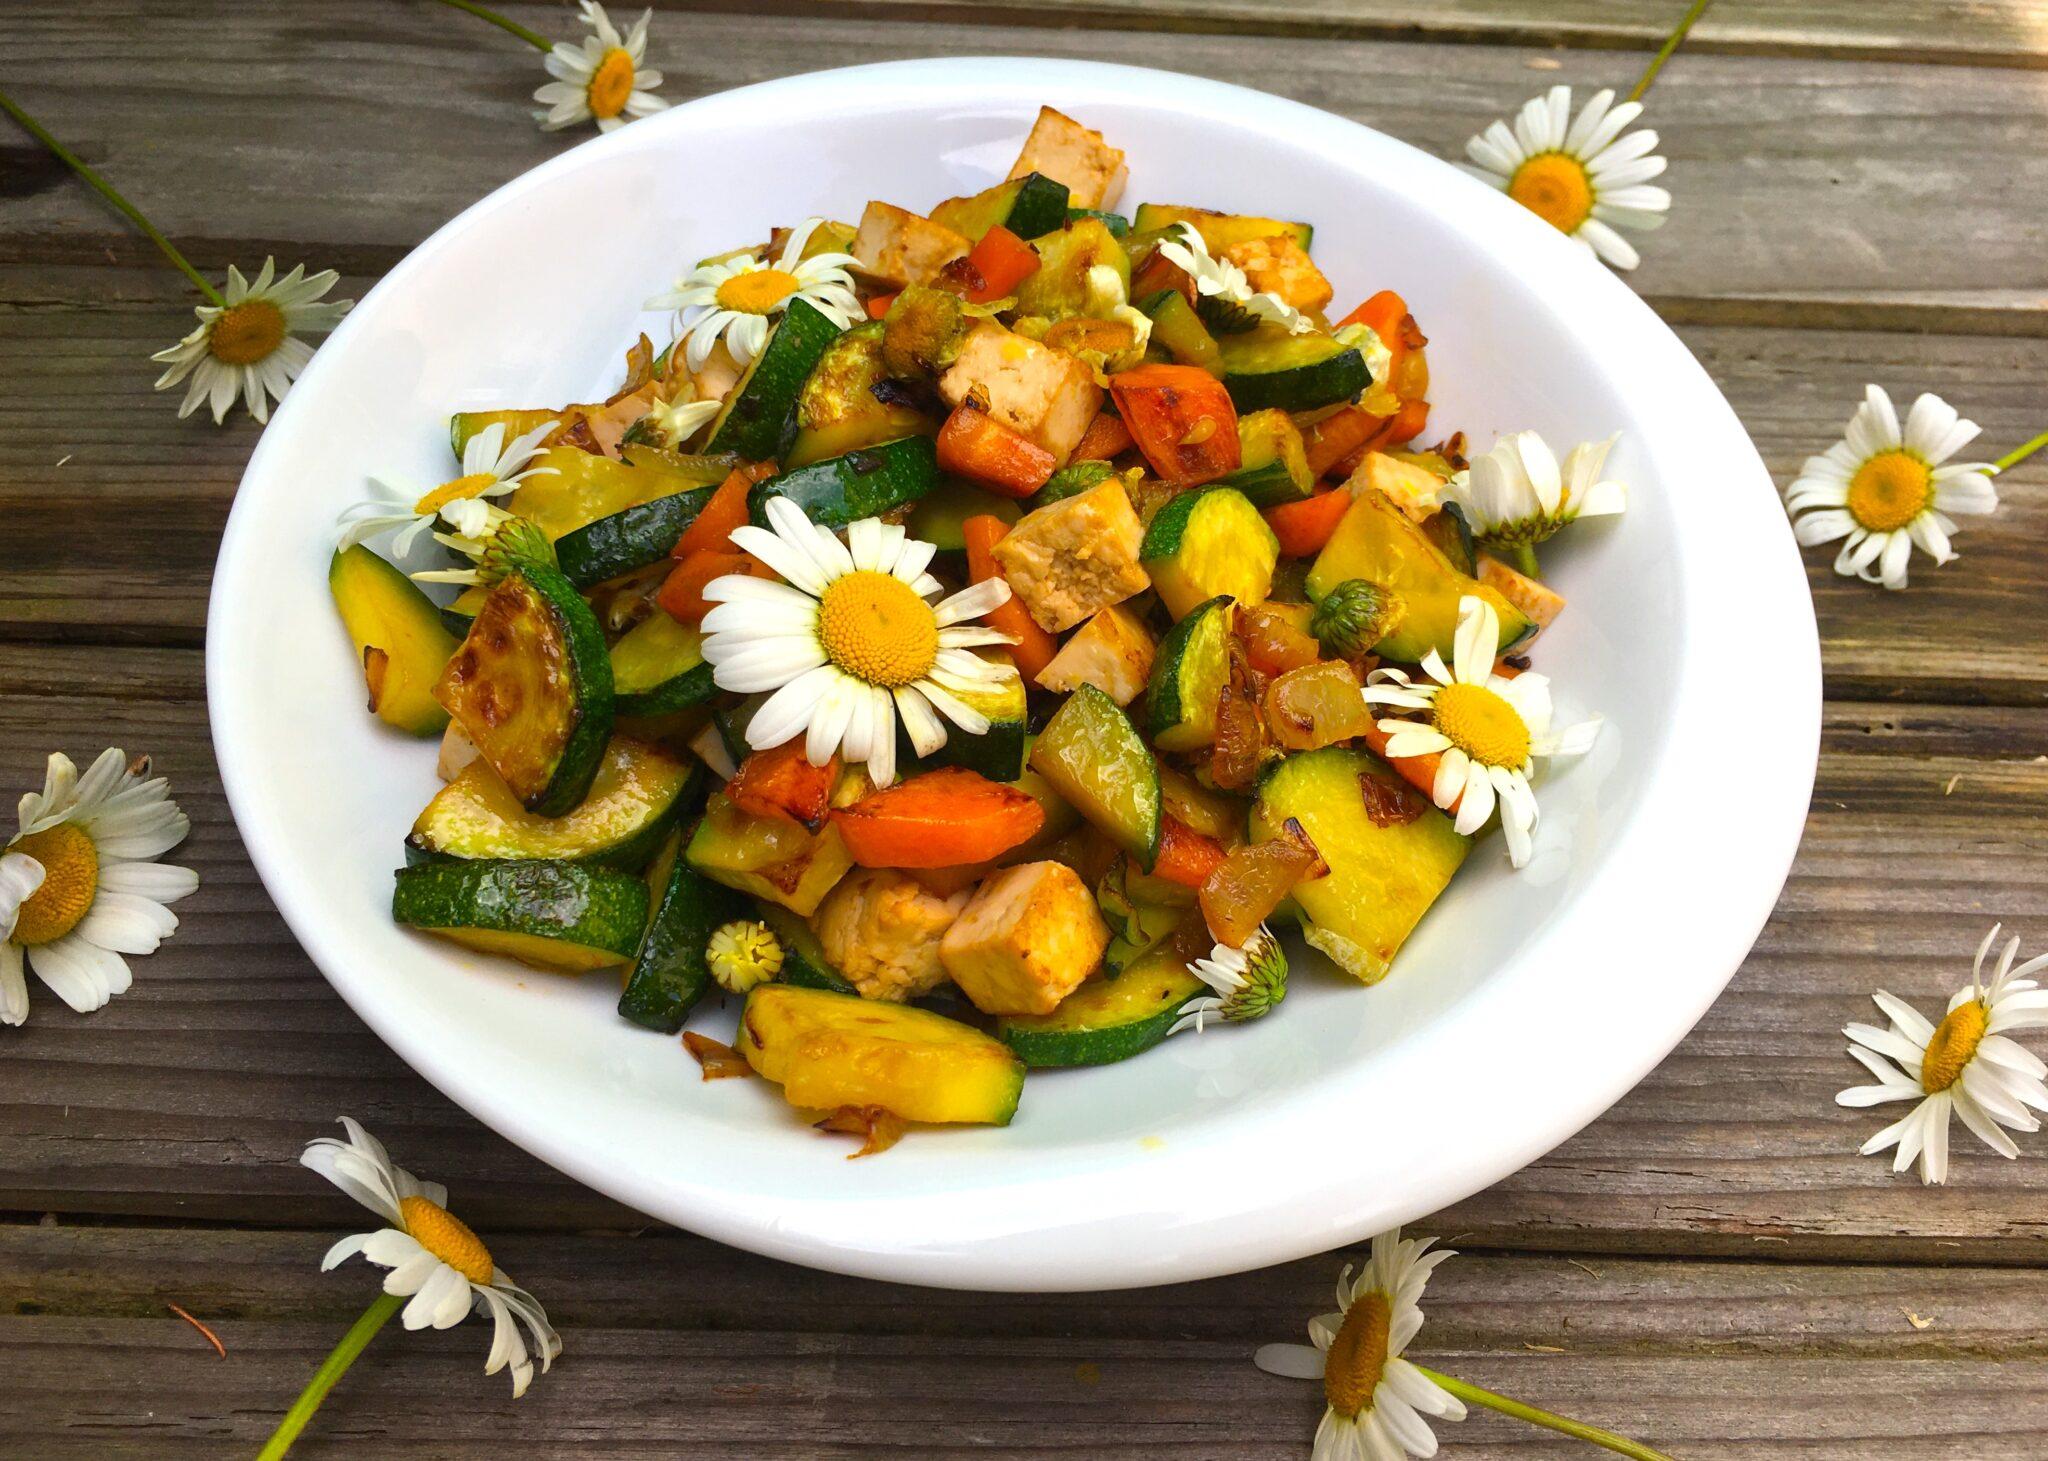 Poêlée de légumes aux marguerites comestibles